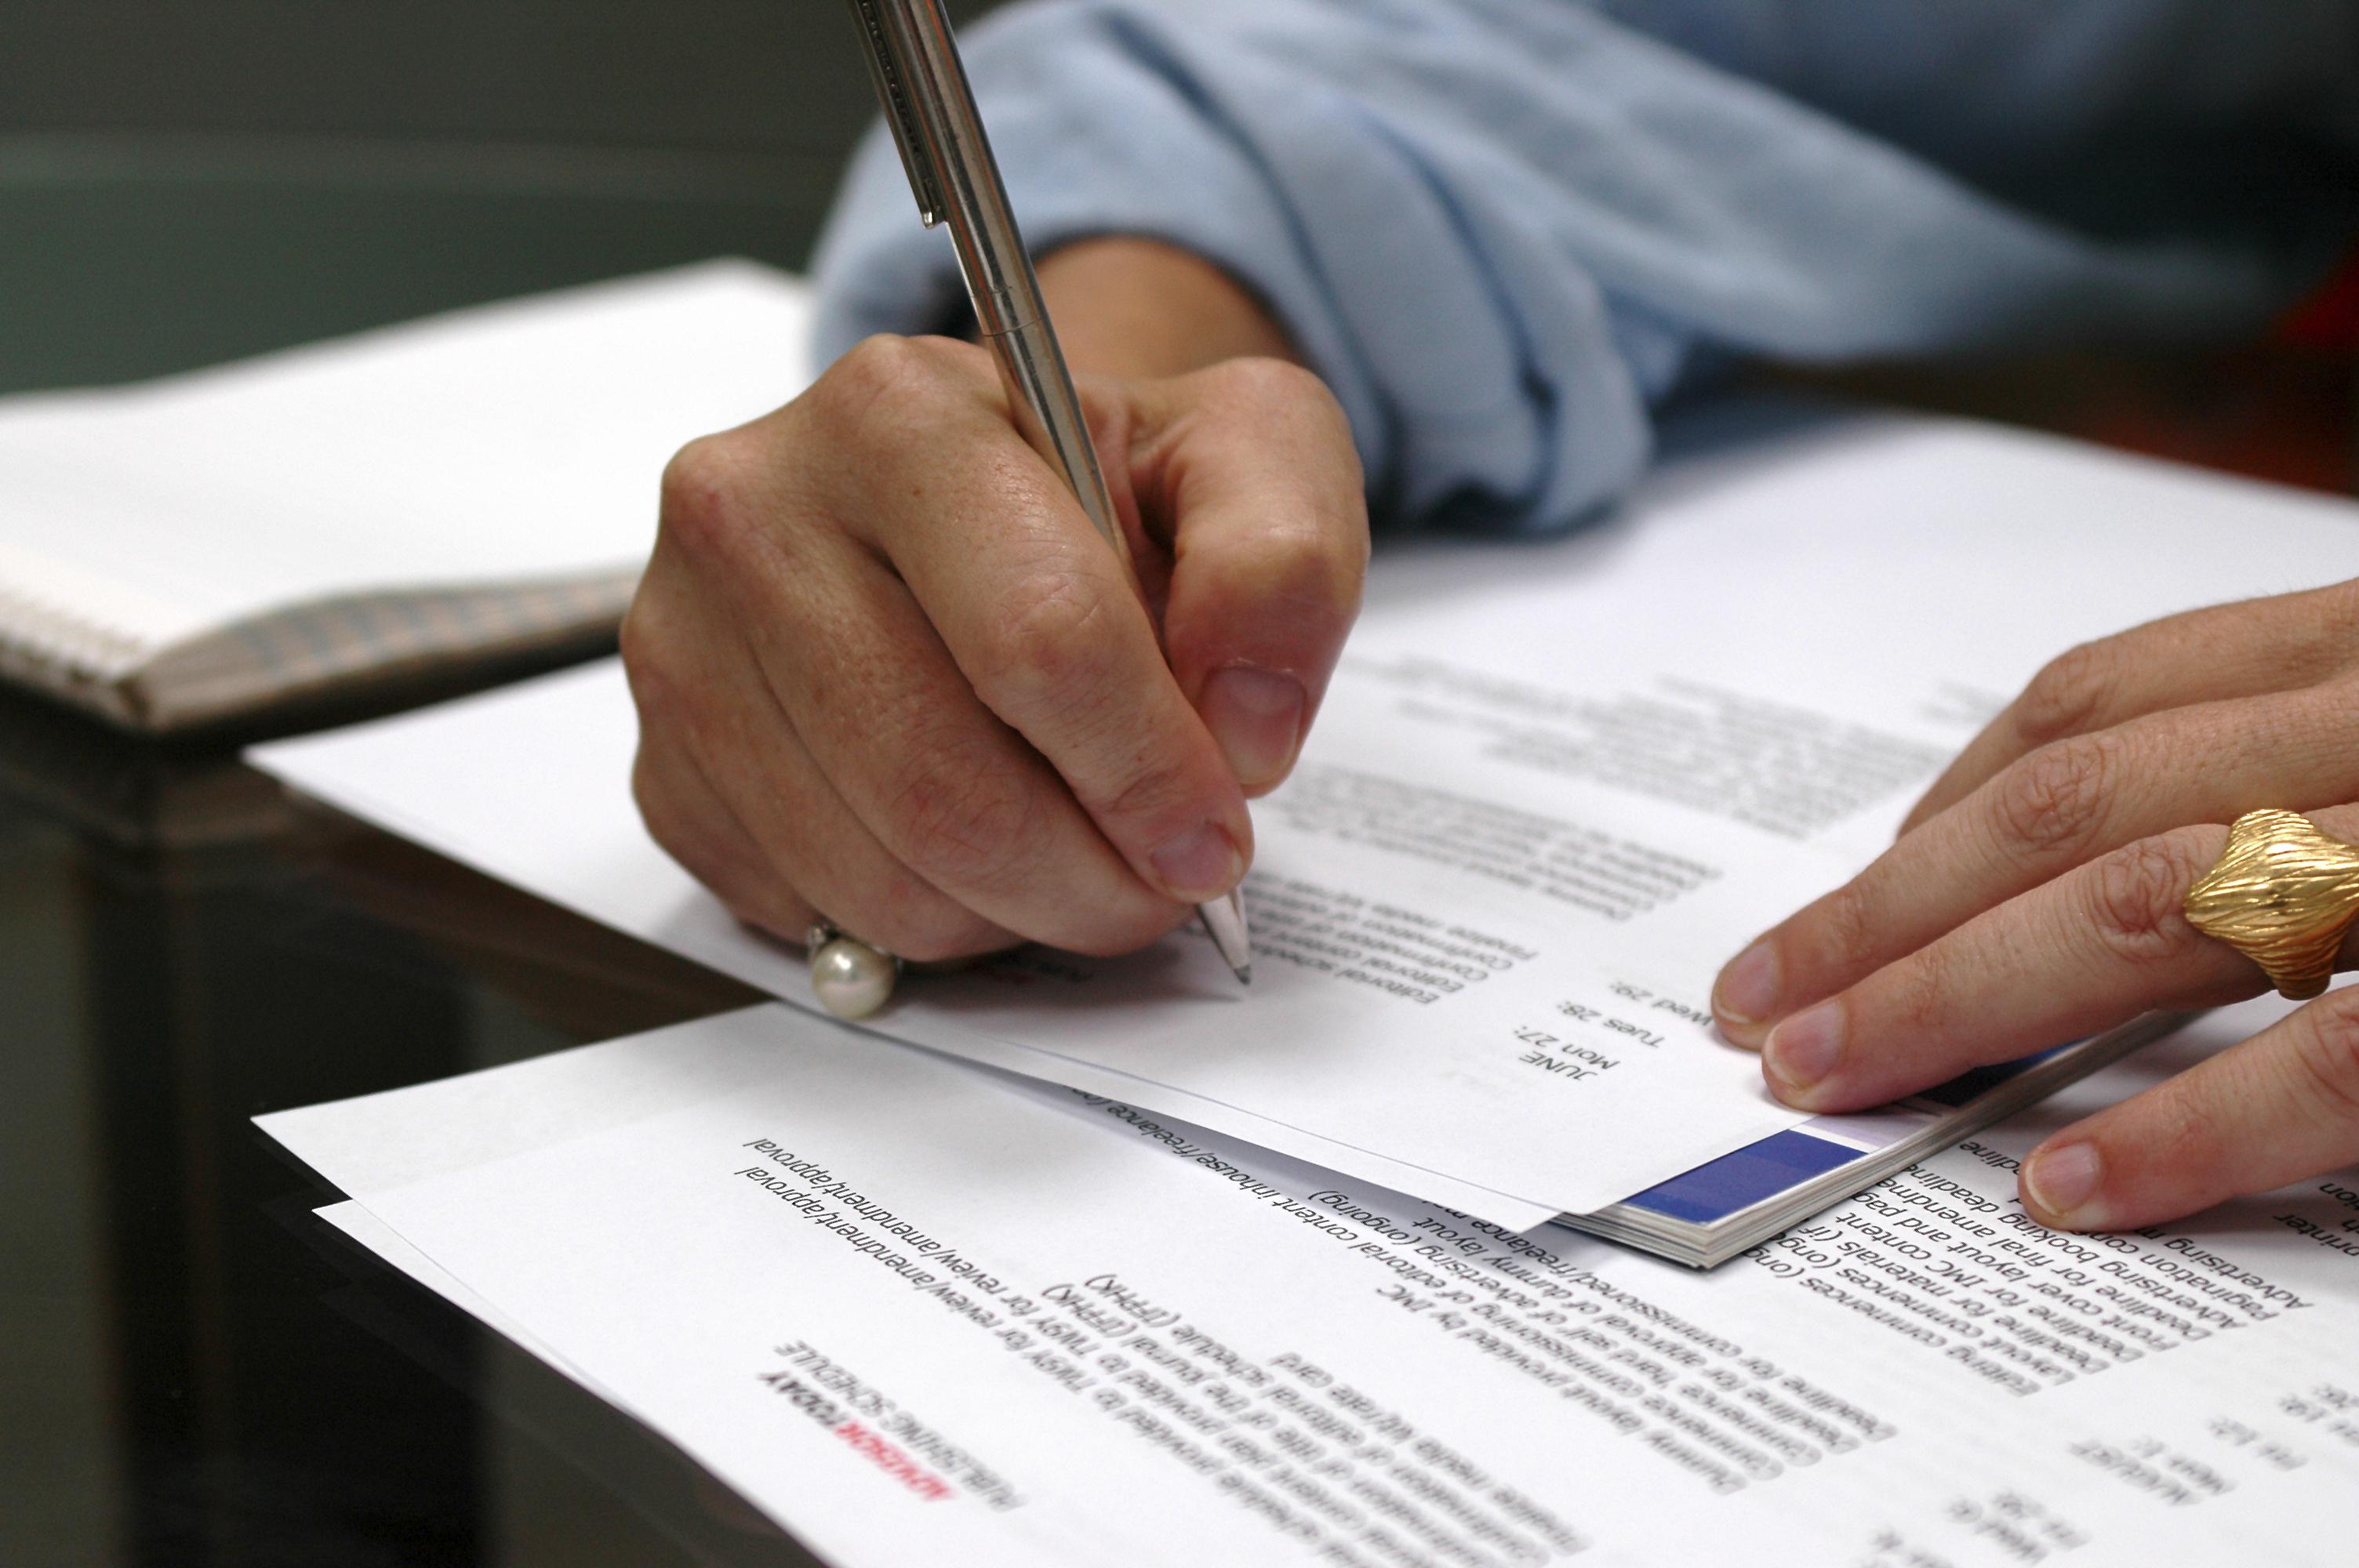 科研写作:避免用数字或缩写开头